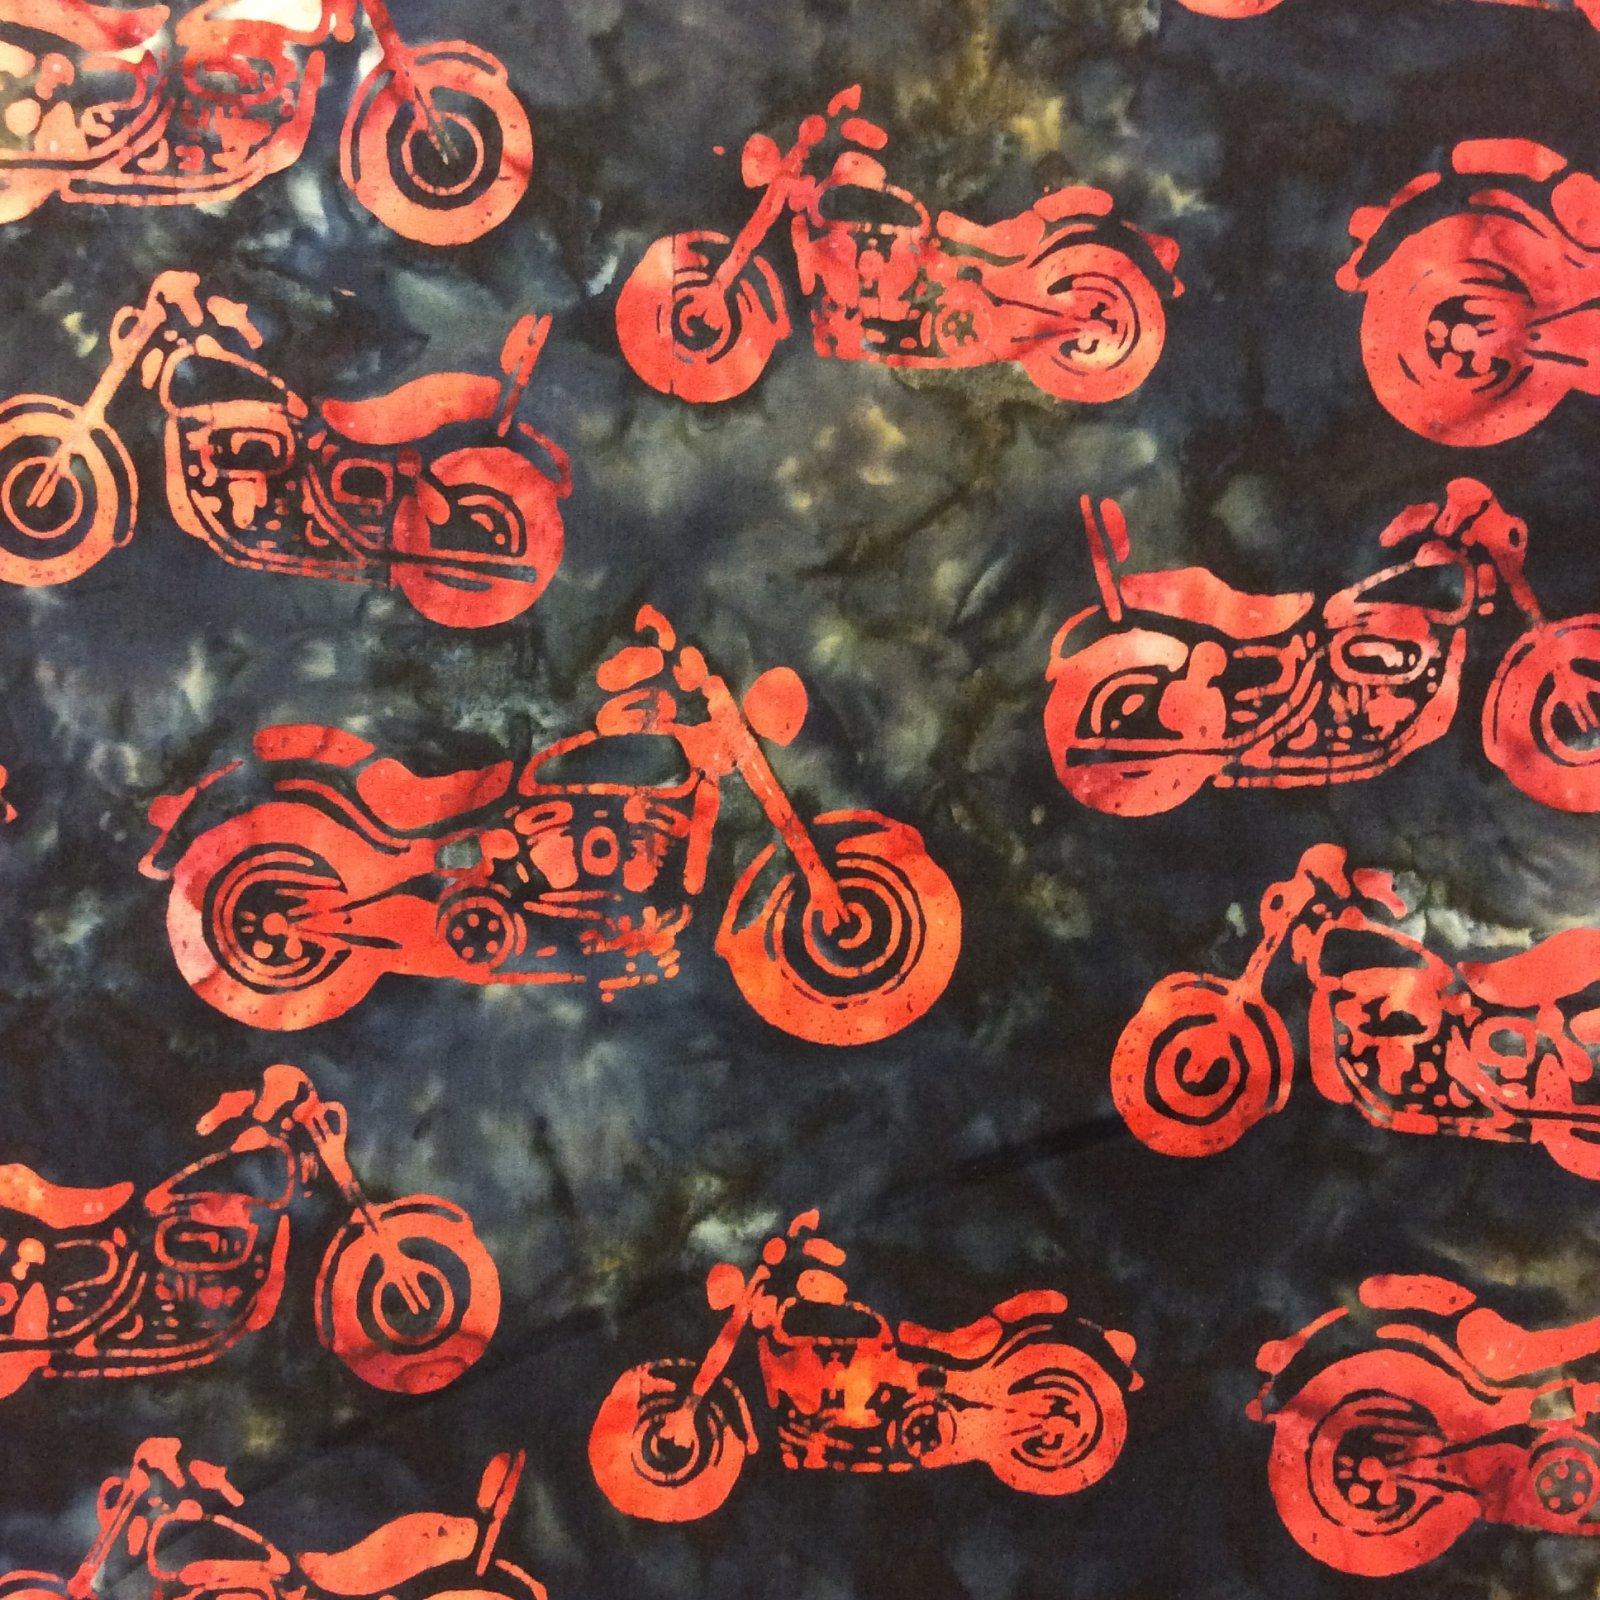 Rk99 Motorcycle Batik Biker Helmet Watercolor Quilt Cotton